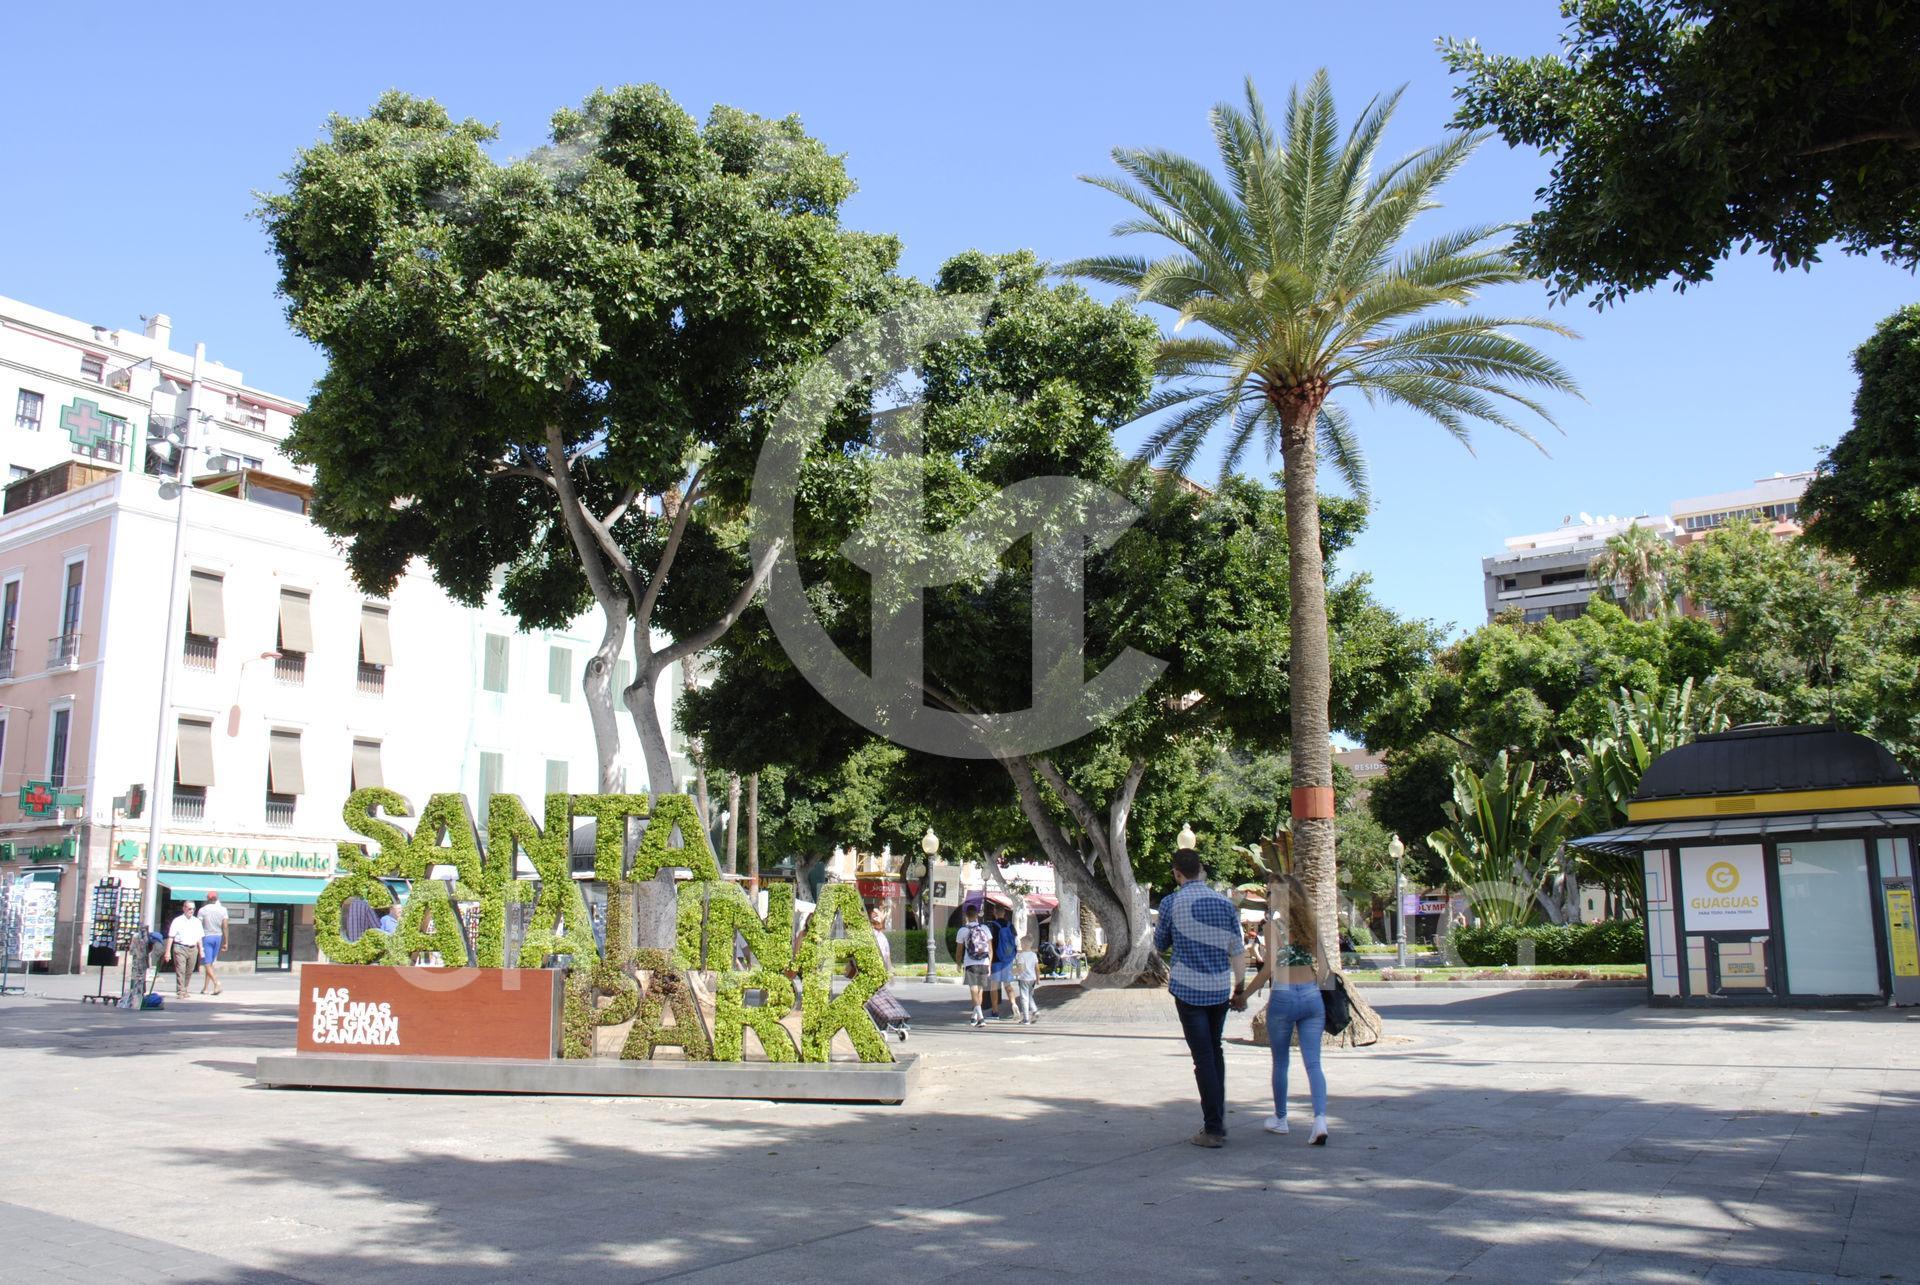 alquiler-vivienda-vacacional-las-palmas-de-gran-canaria-las-canteras-parque-santa-catalina01